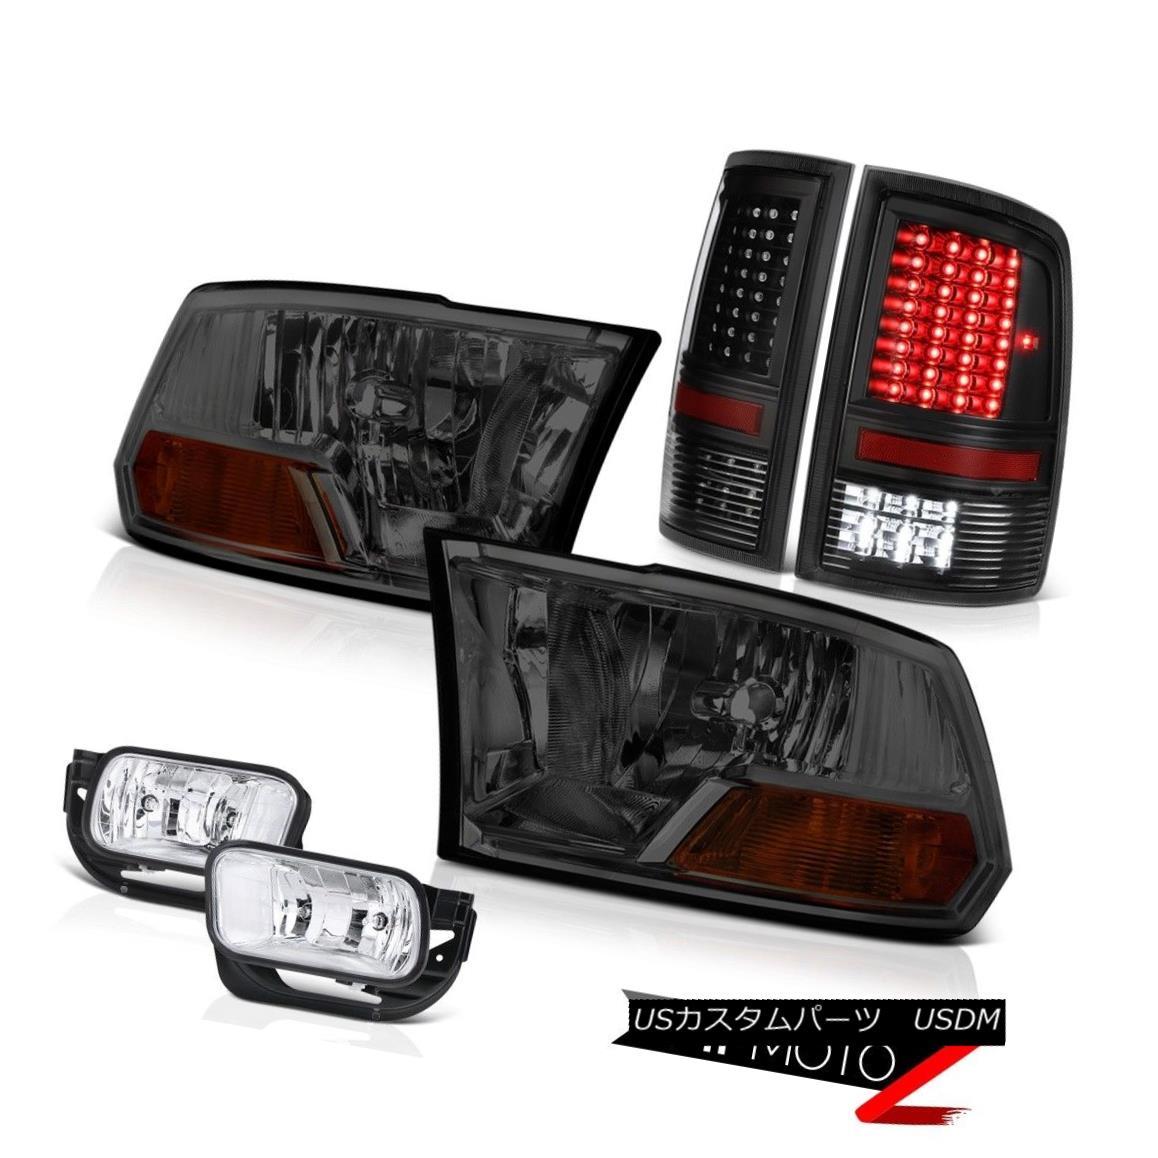 ヘッドライト 2010-2018 Ram 3500 SLT Inky Black Tail Lights Foglamps Headlights